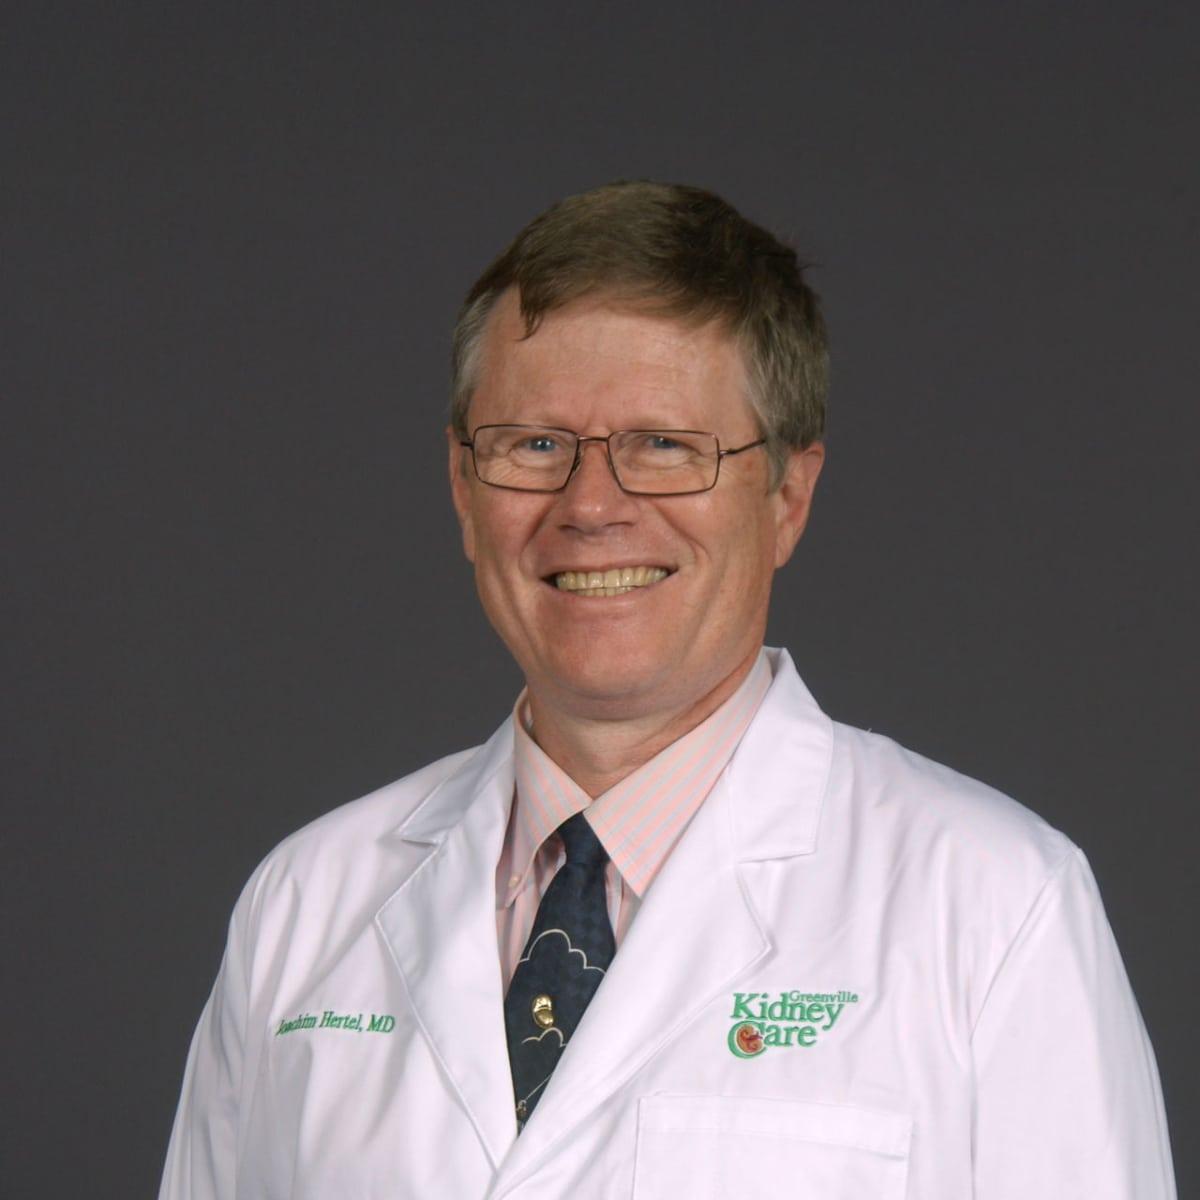 Dr. Hertel